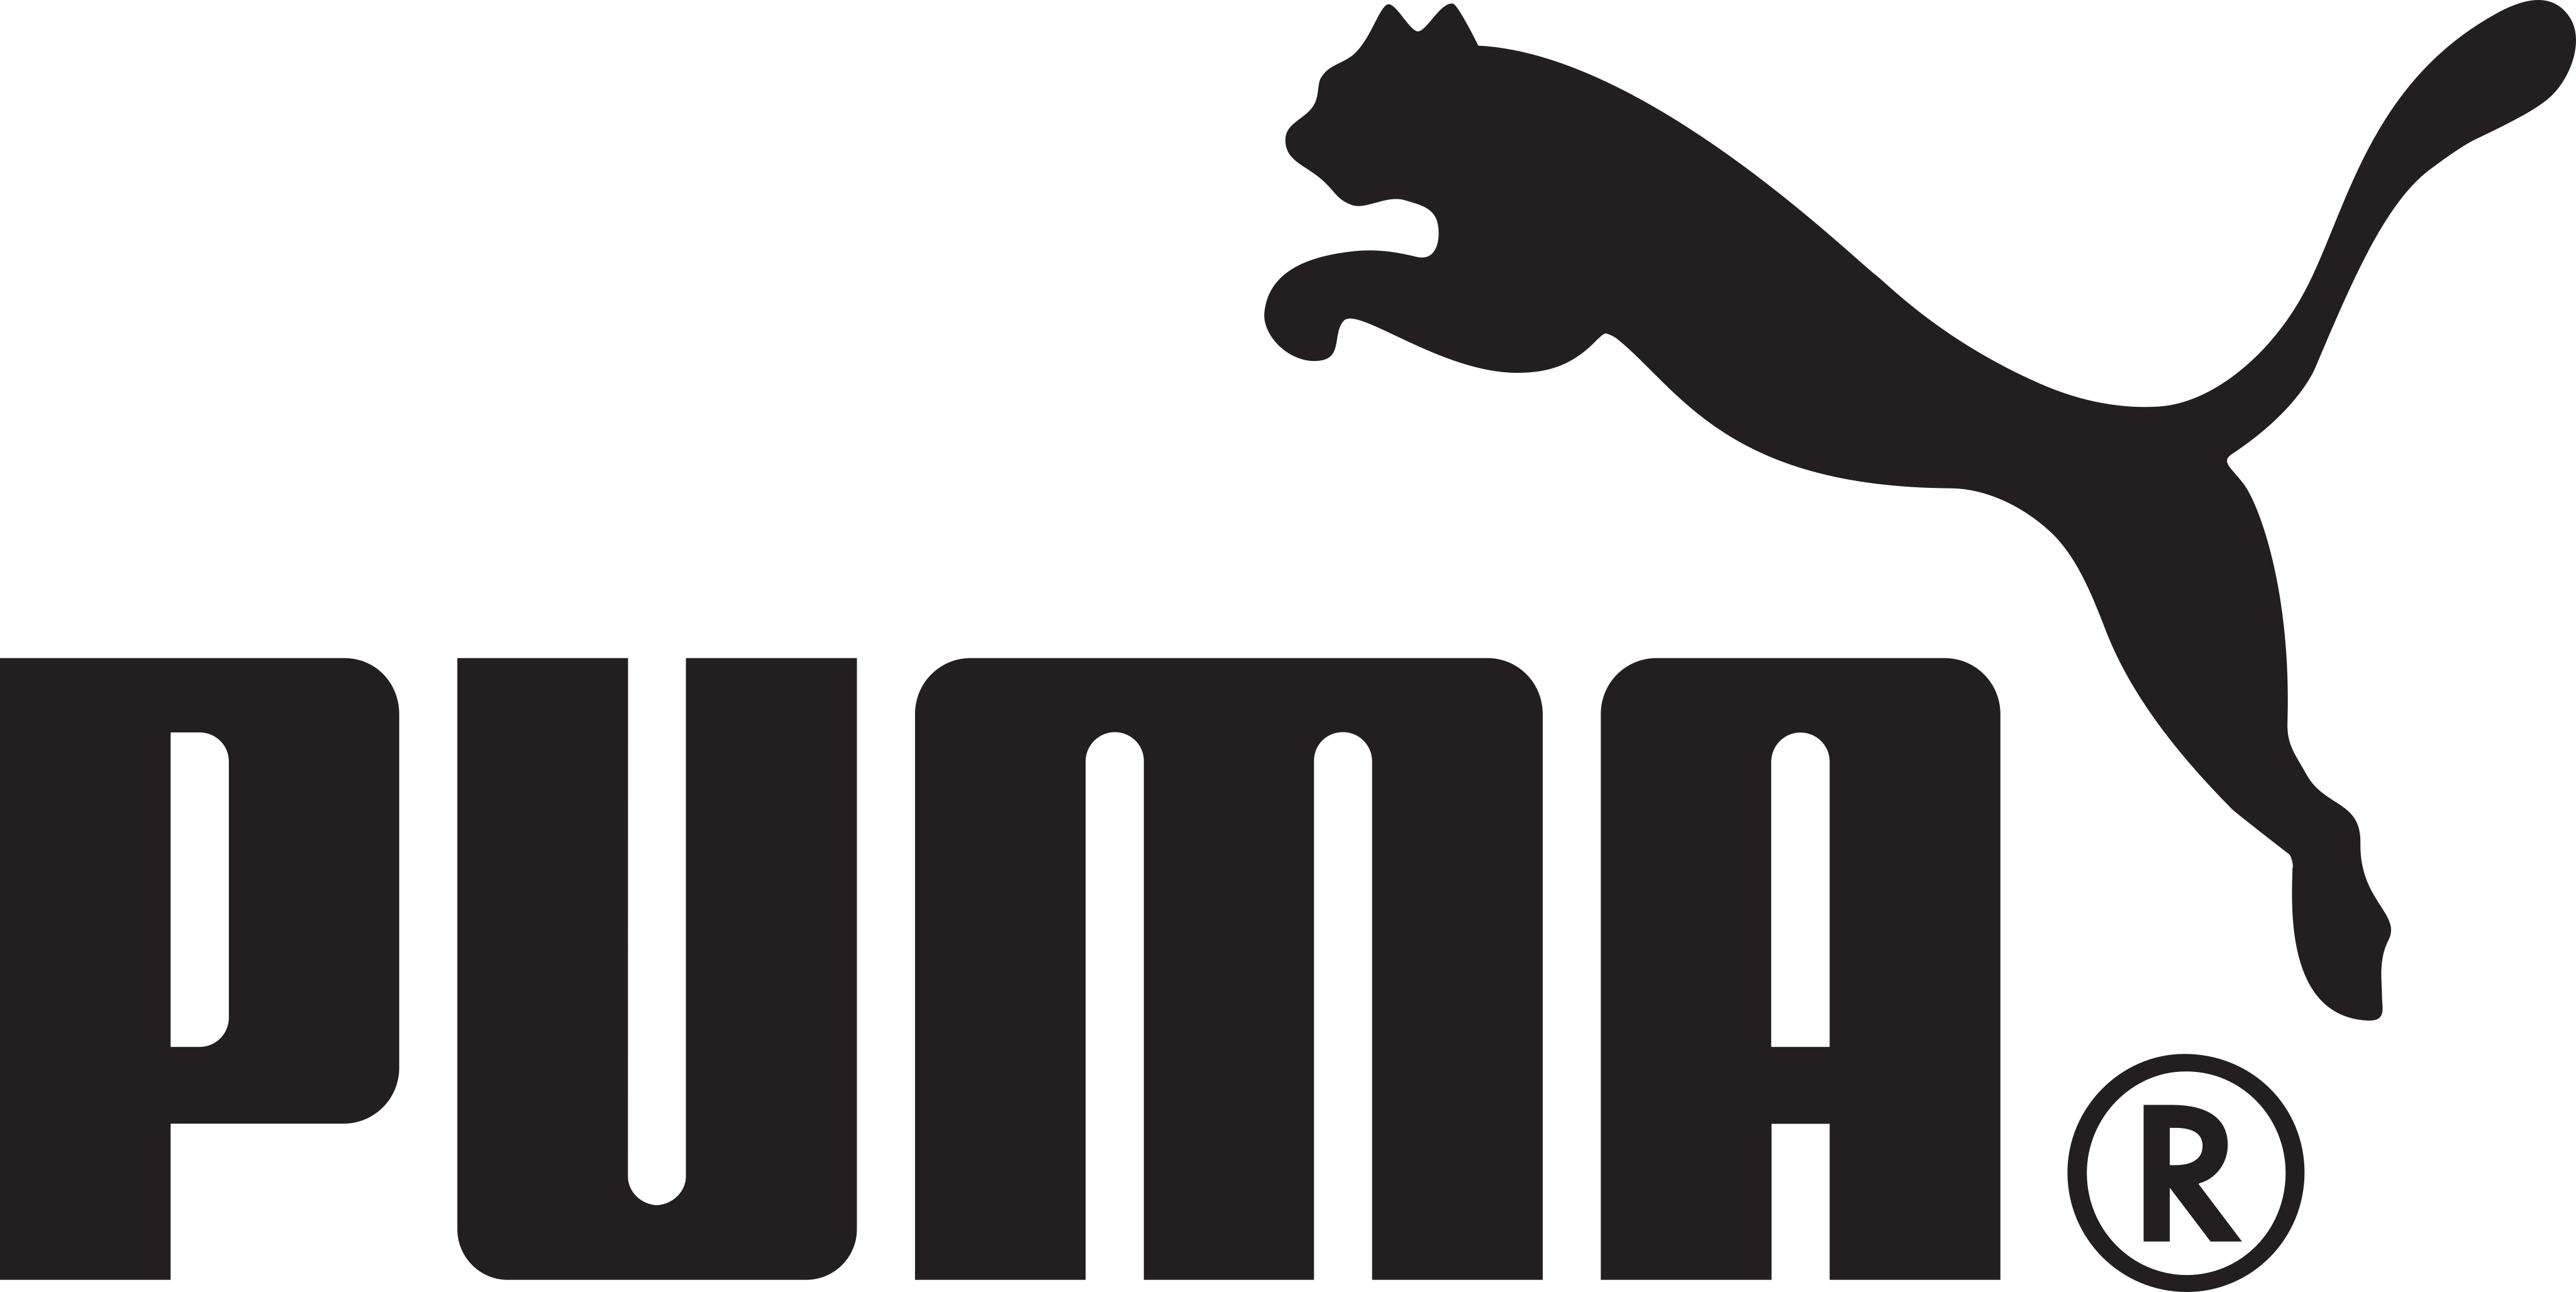 puma logo 1 - Puma Logo